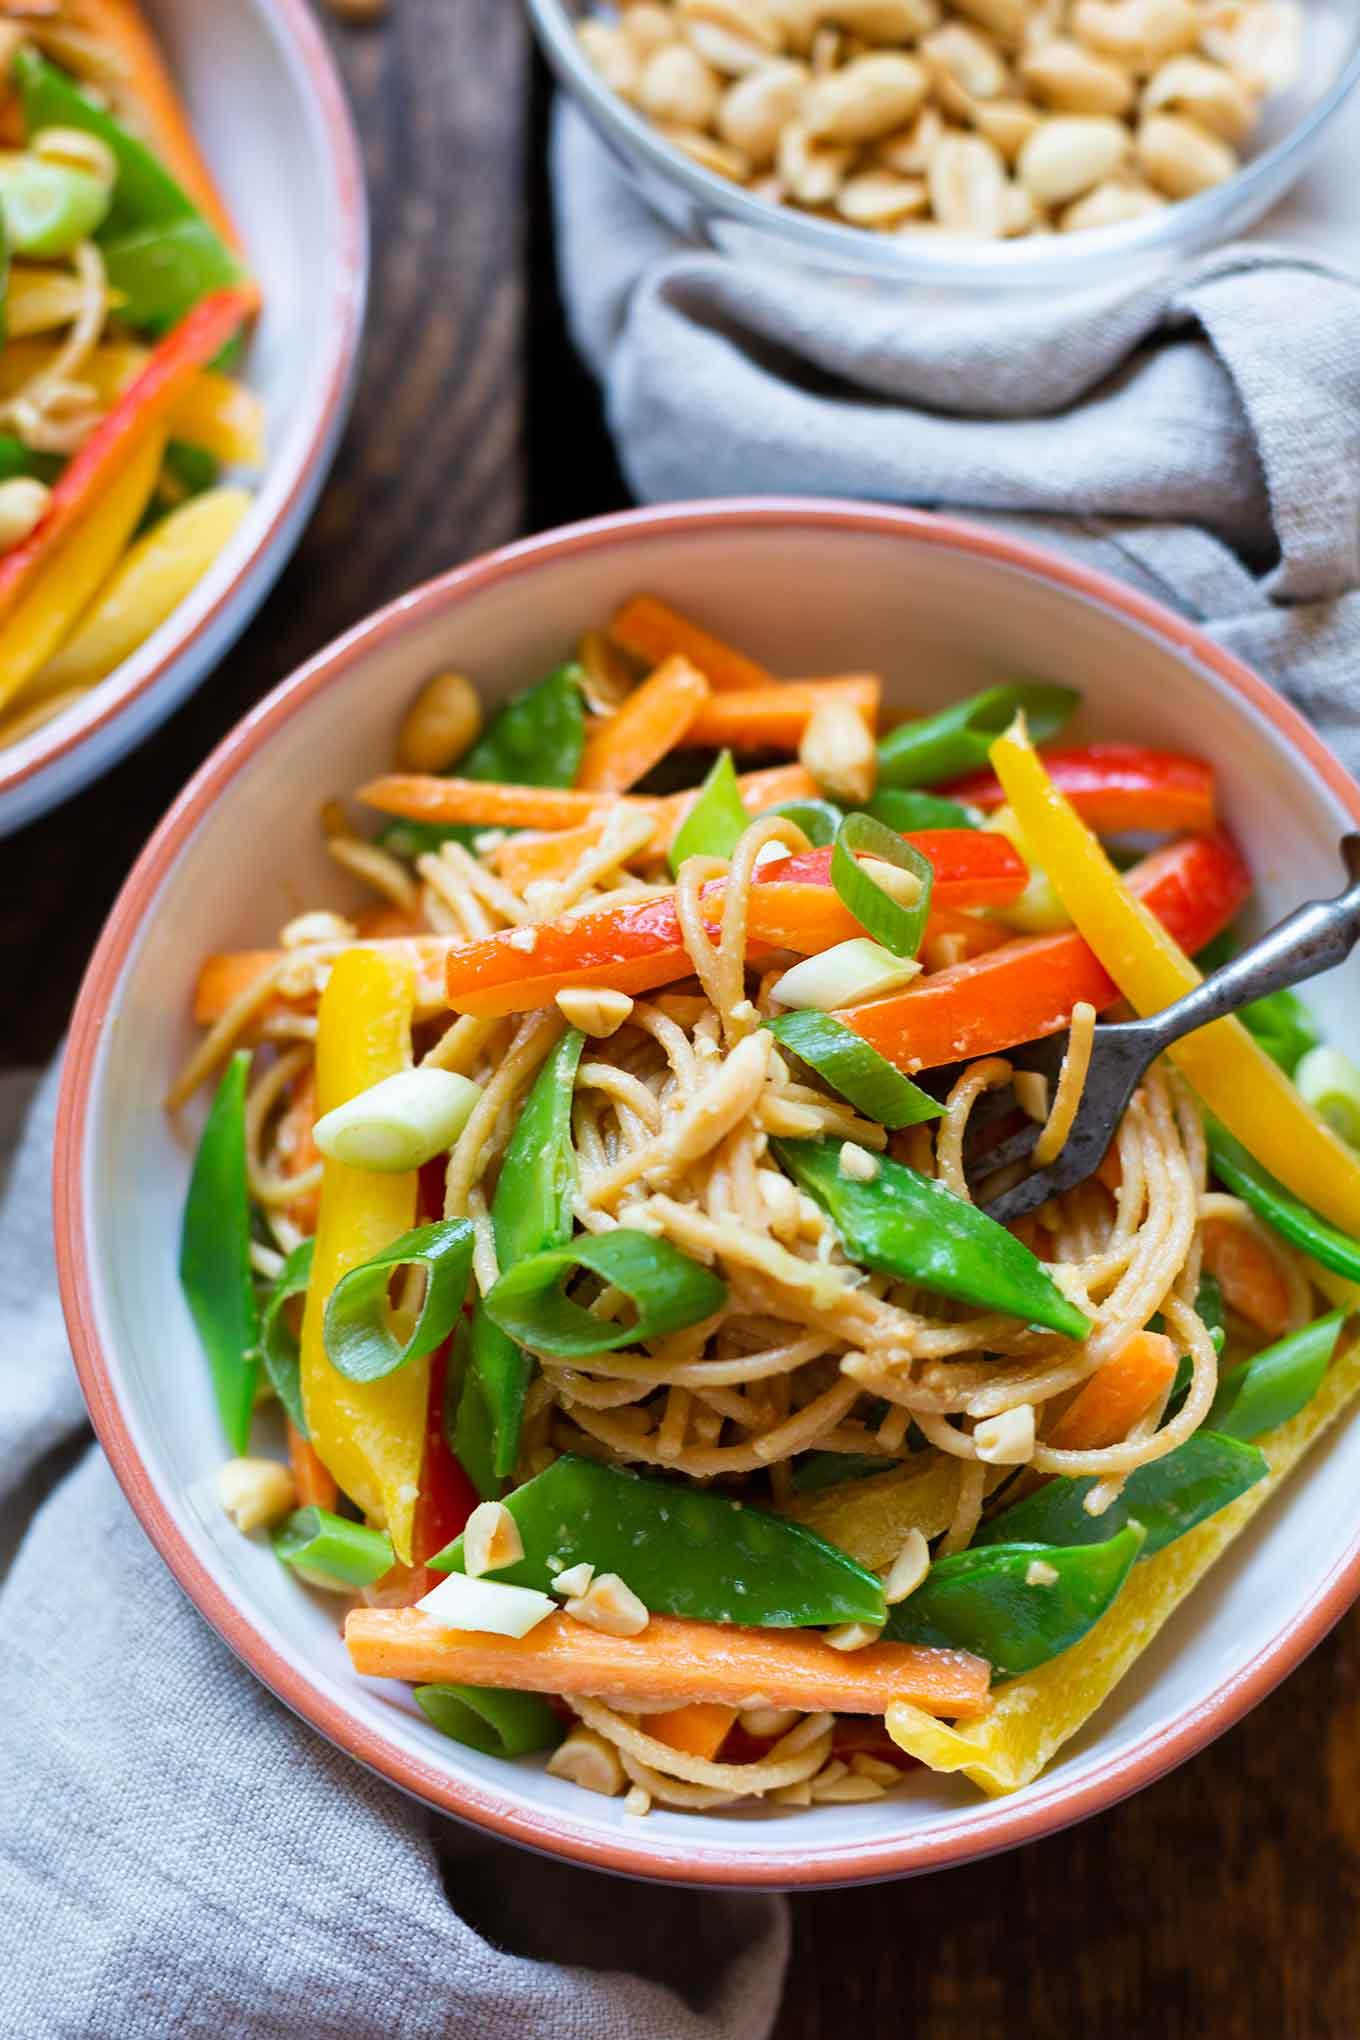 Asiatischer Nudelsalat mit Erdnusssauce. Dieses schnelle Rezept ist super einfach und SO gut. Perfekt für Picknick und Grillen! - Kochkarussell.com #nudelsalat #asiatisch #rezept #asia #grillen #sommerrezept #vegan